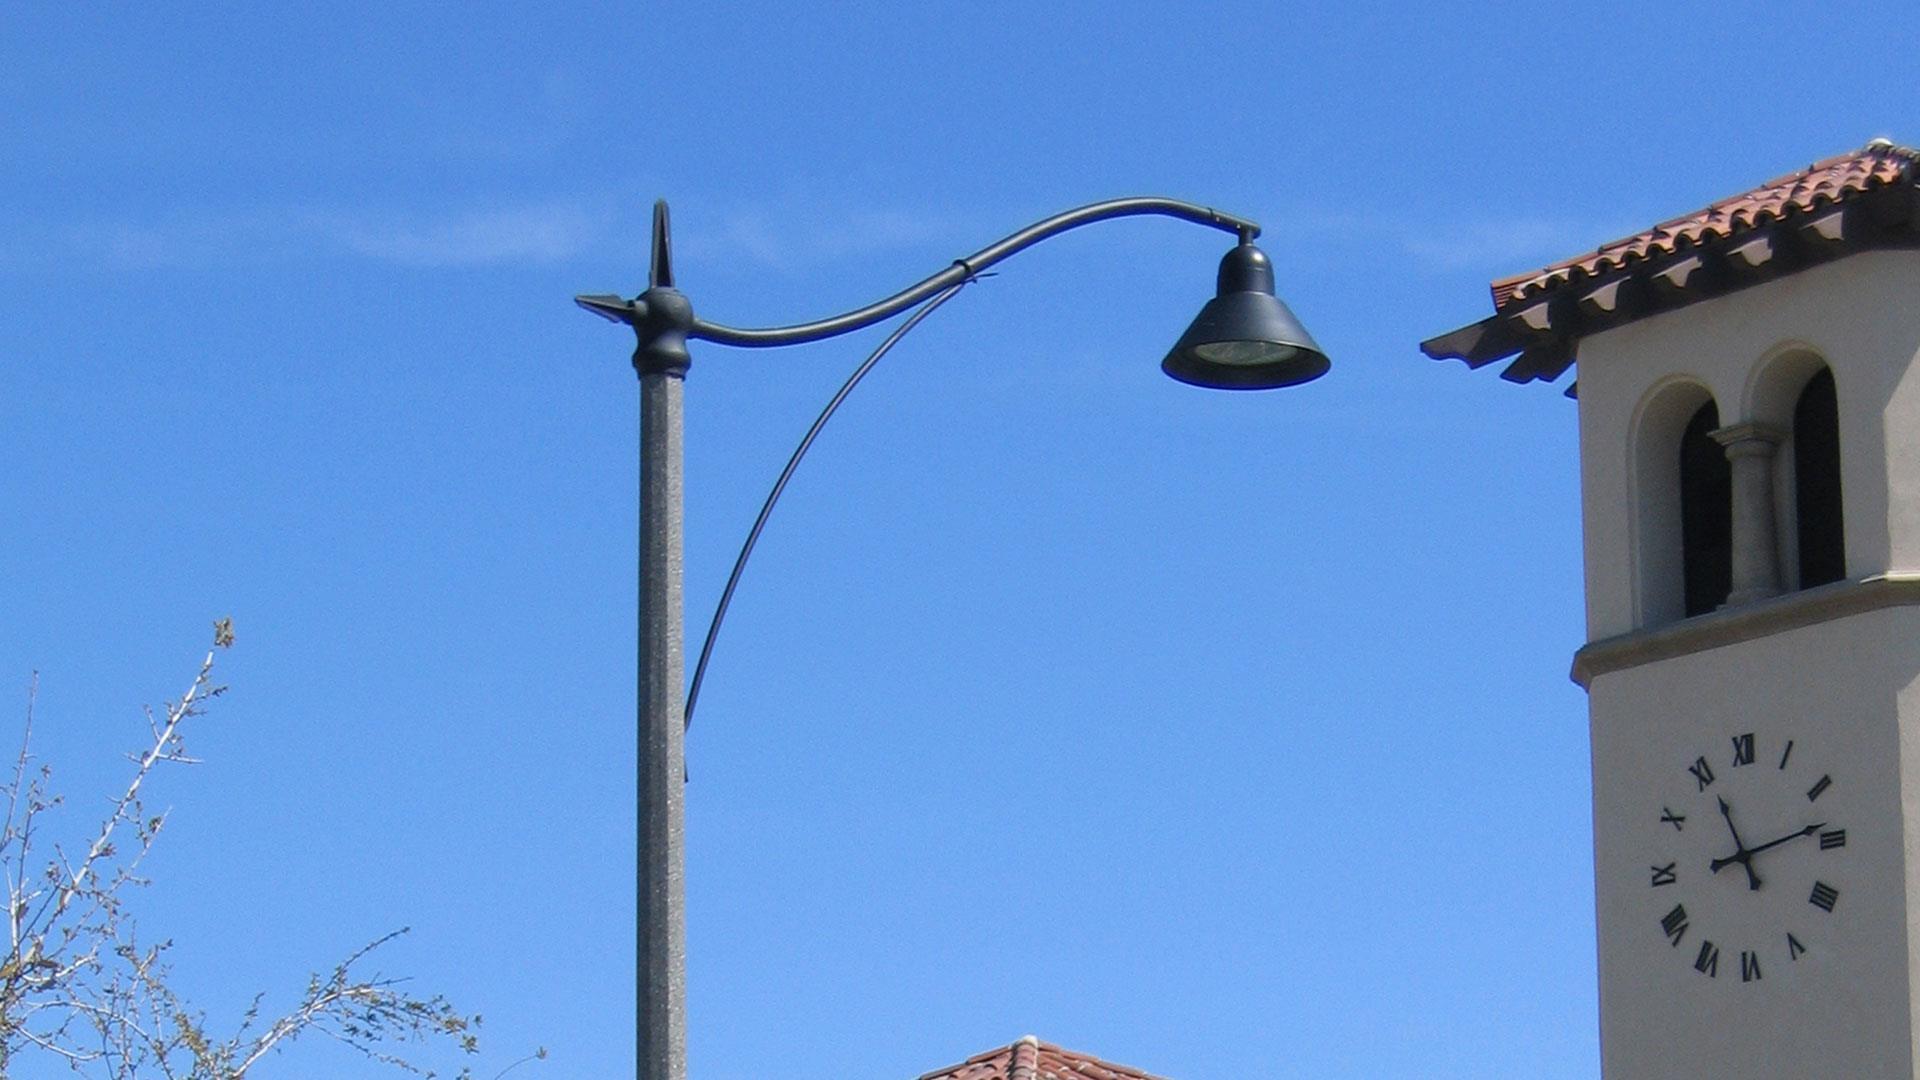 Arms and Tenons MEO Pole Verrado AZ